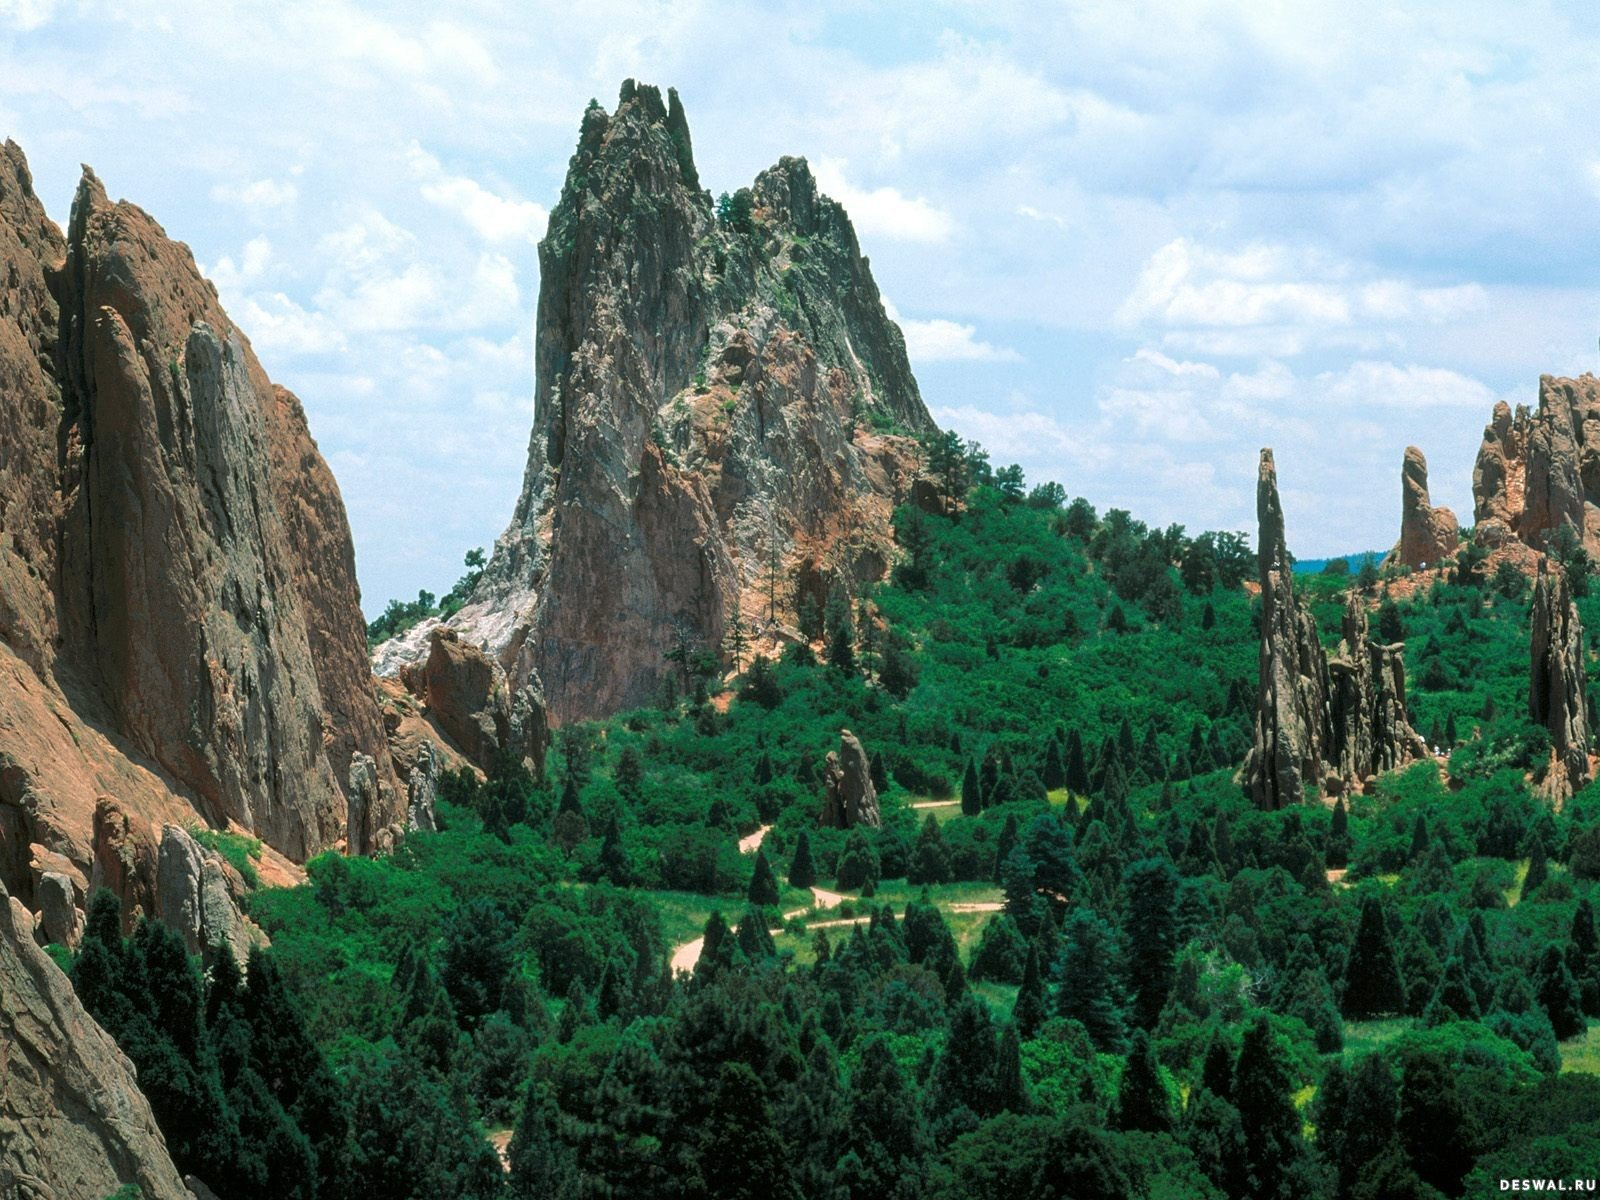 Фото 7.. Нажмите на картинку с обоями природы - скалы и камни, чтобы просмотреть ее в реальном размере